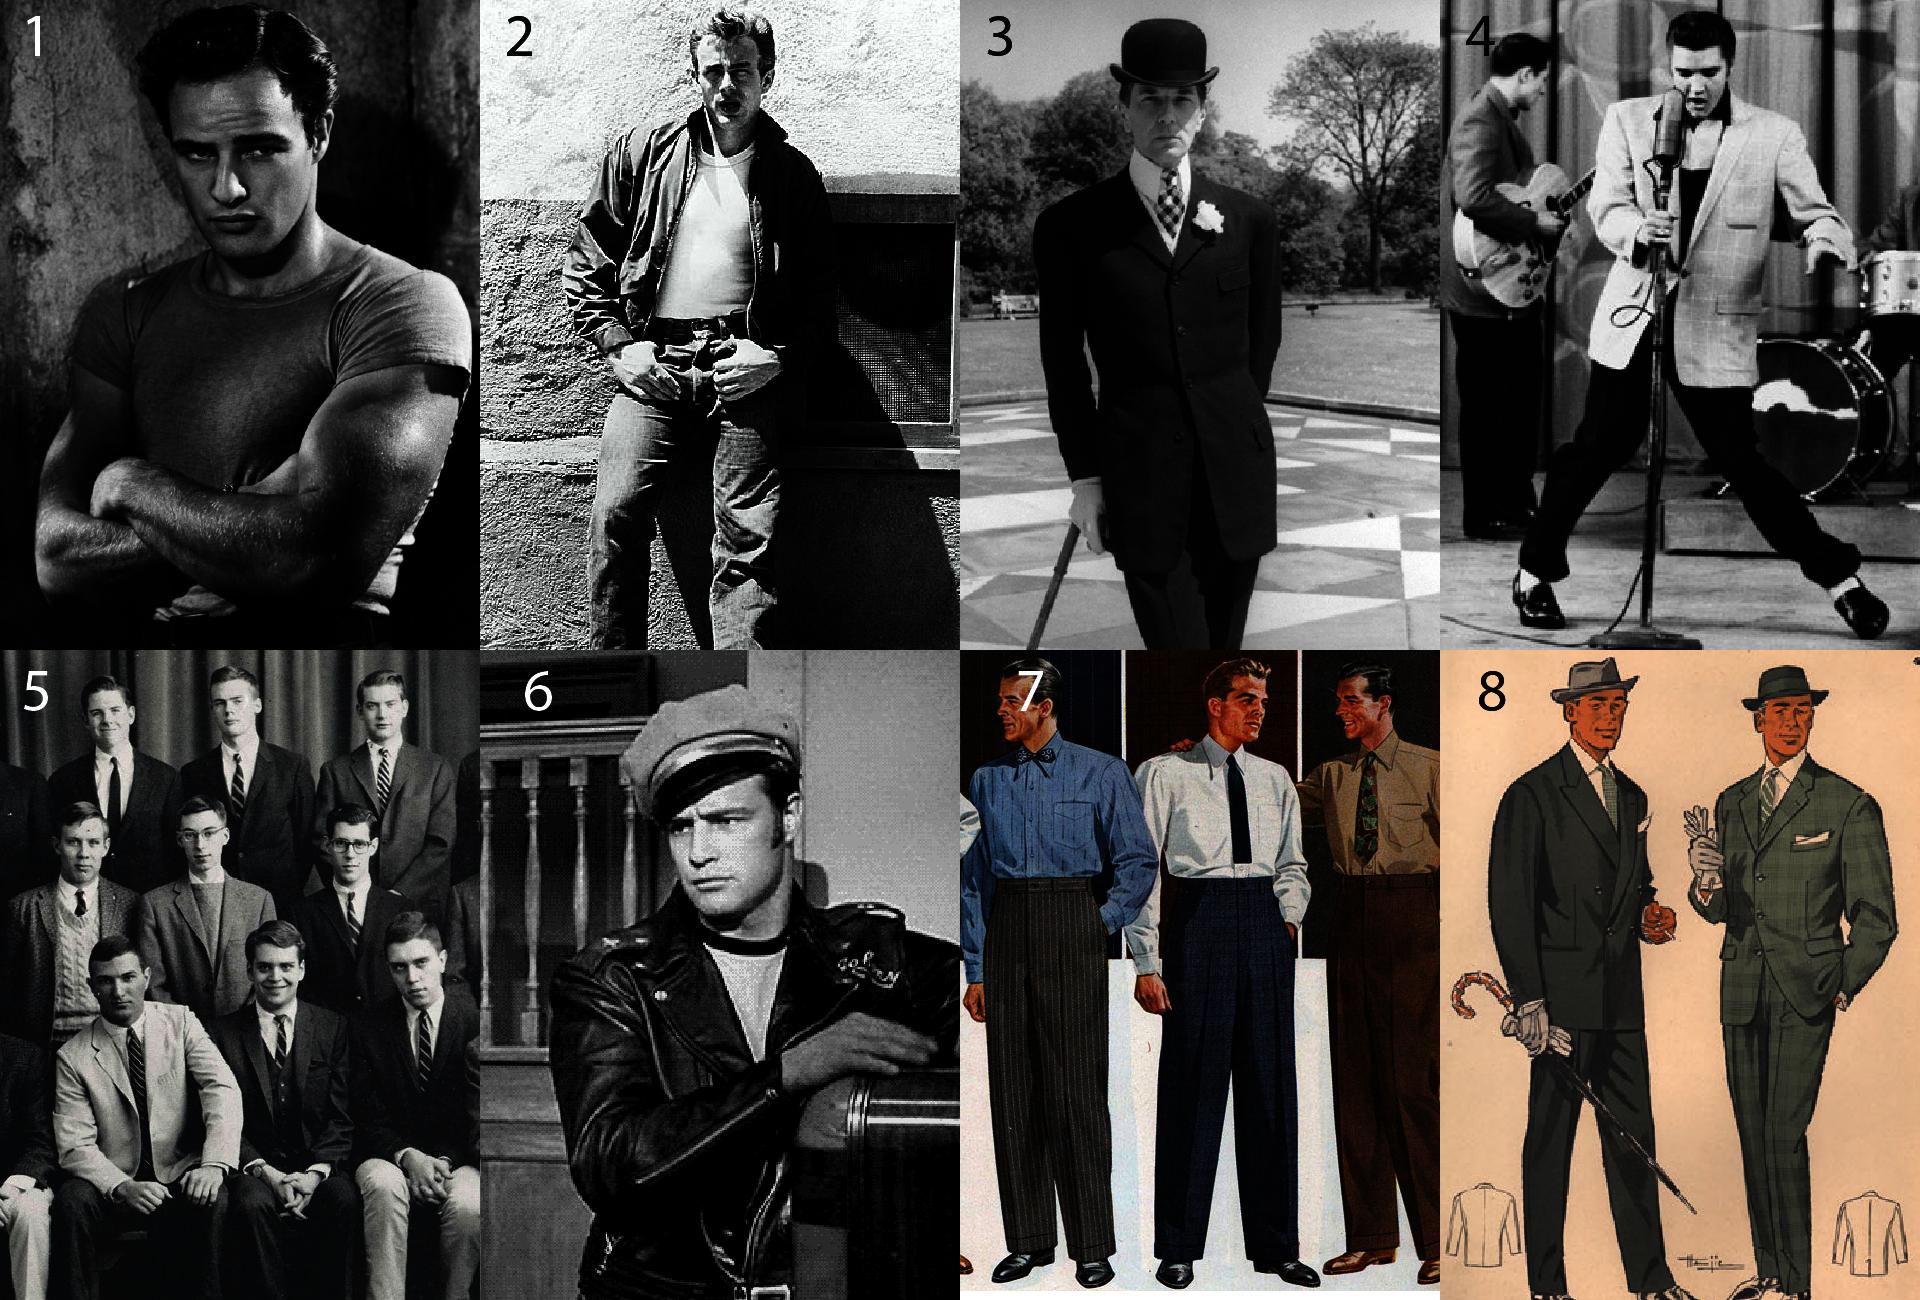 Moda męska lata 50.- Jak ubierano się w latach 50's - Strój męski lata 50's - Marlon Brando młody - Tramwaj Zwany pożądaniem - James Dean styl - Styl teddy boys - Bunny Roger